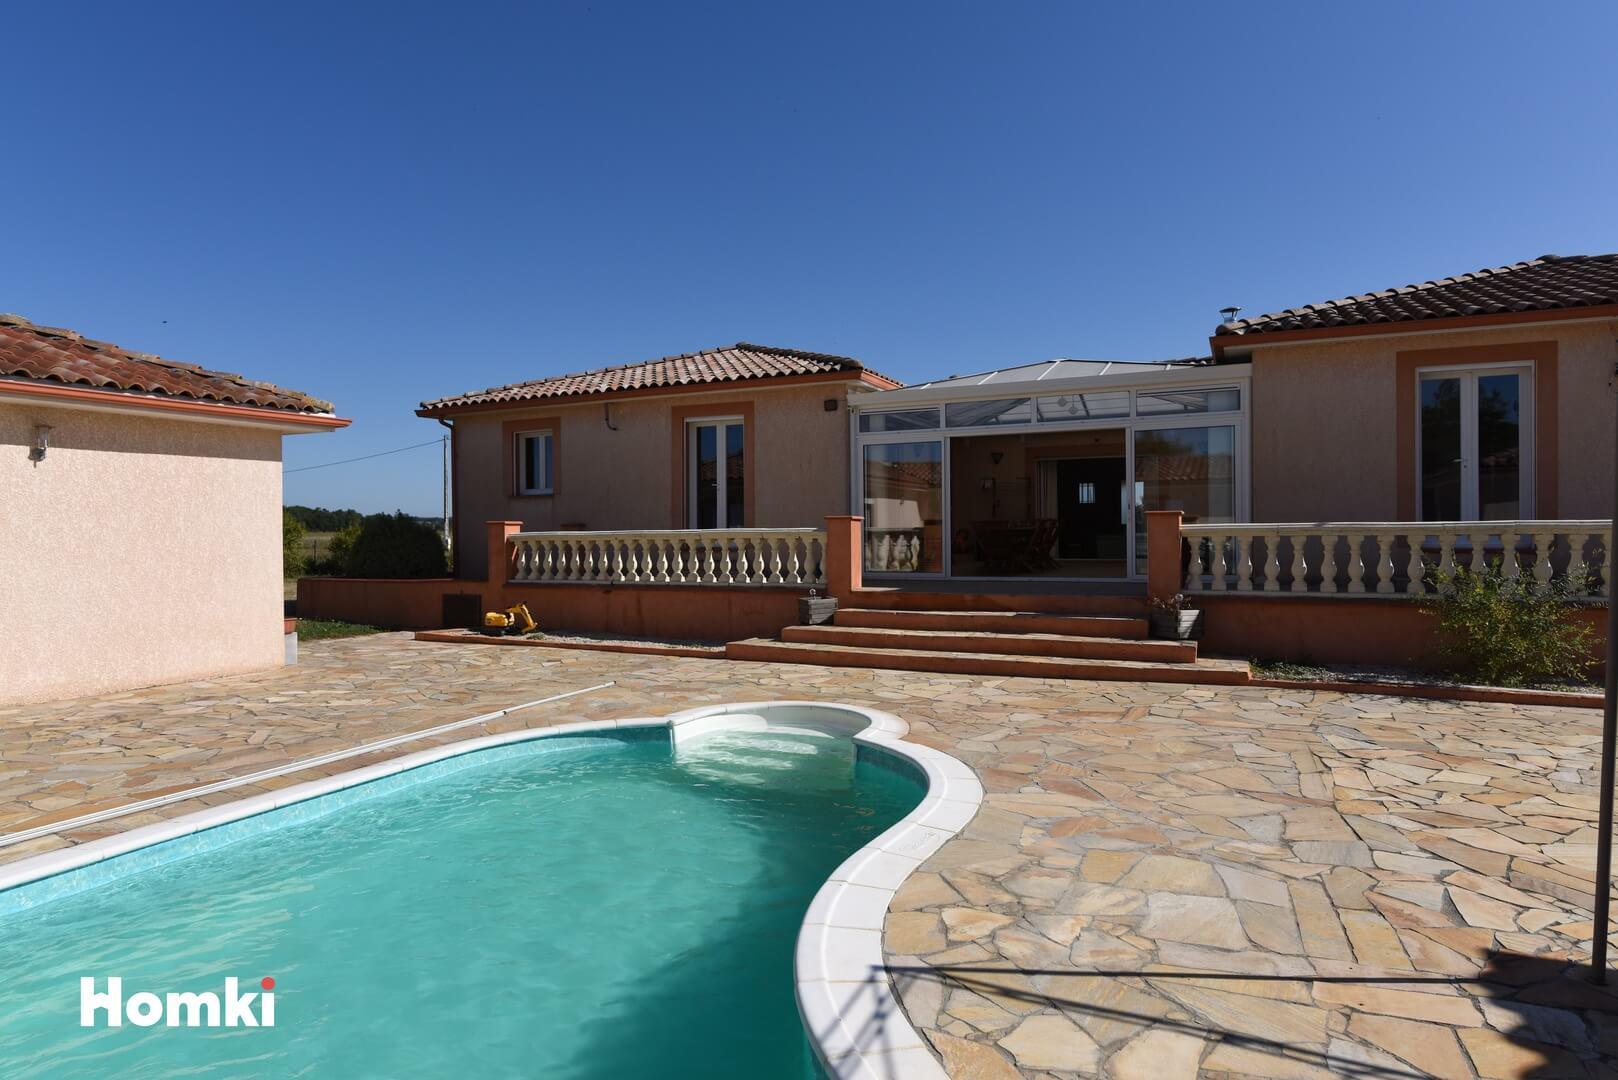 Homki - Vente Maison/villa  de 315.0 m² à Saint-Gaudens 31800